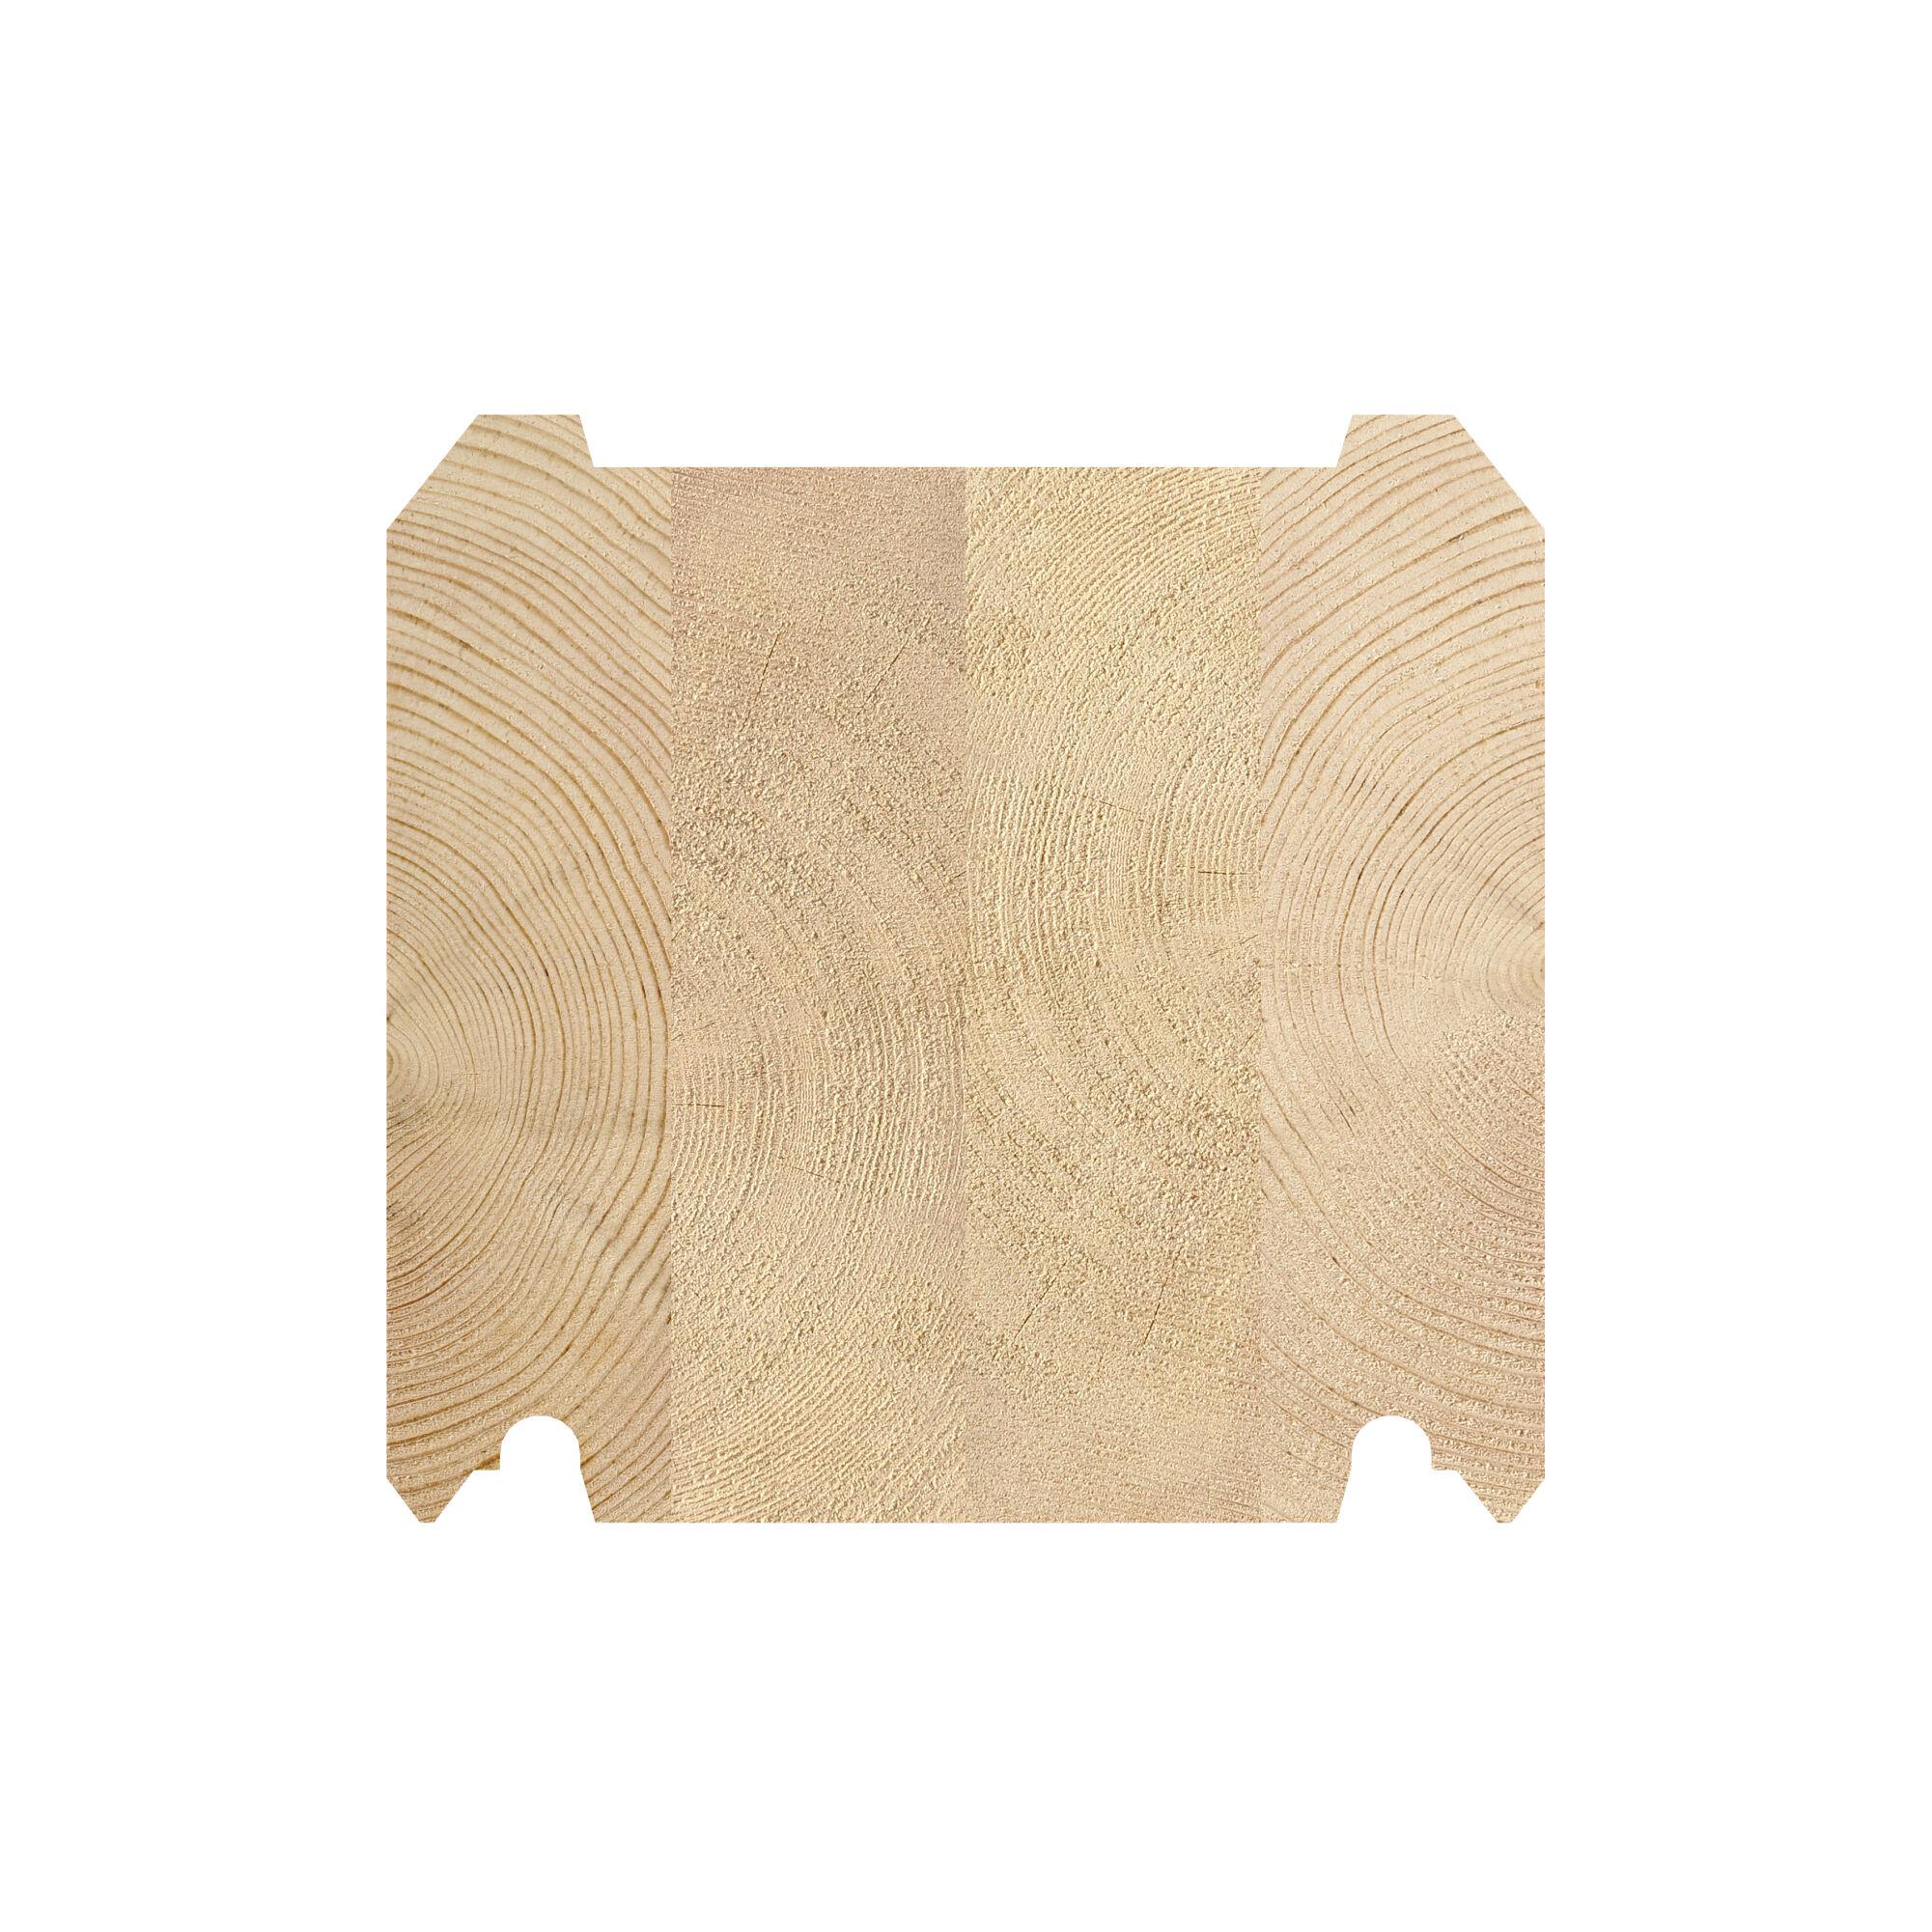 LH 180 x 170 tømmerprofil, til fritidsboliger